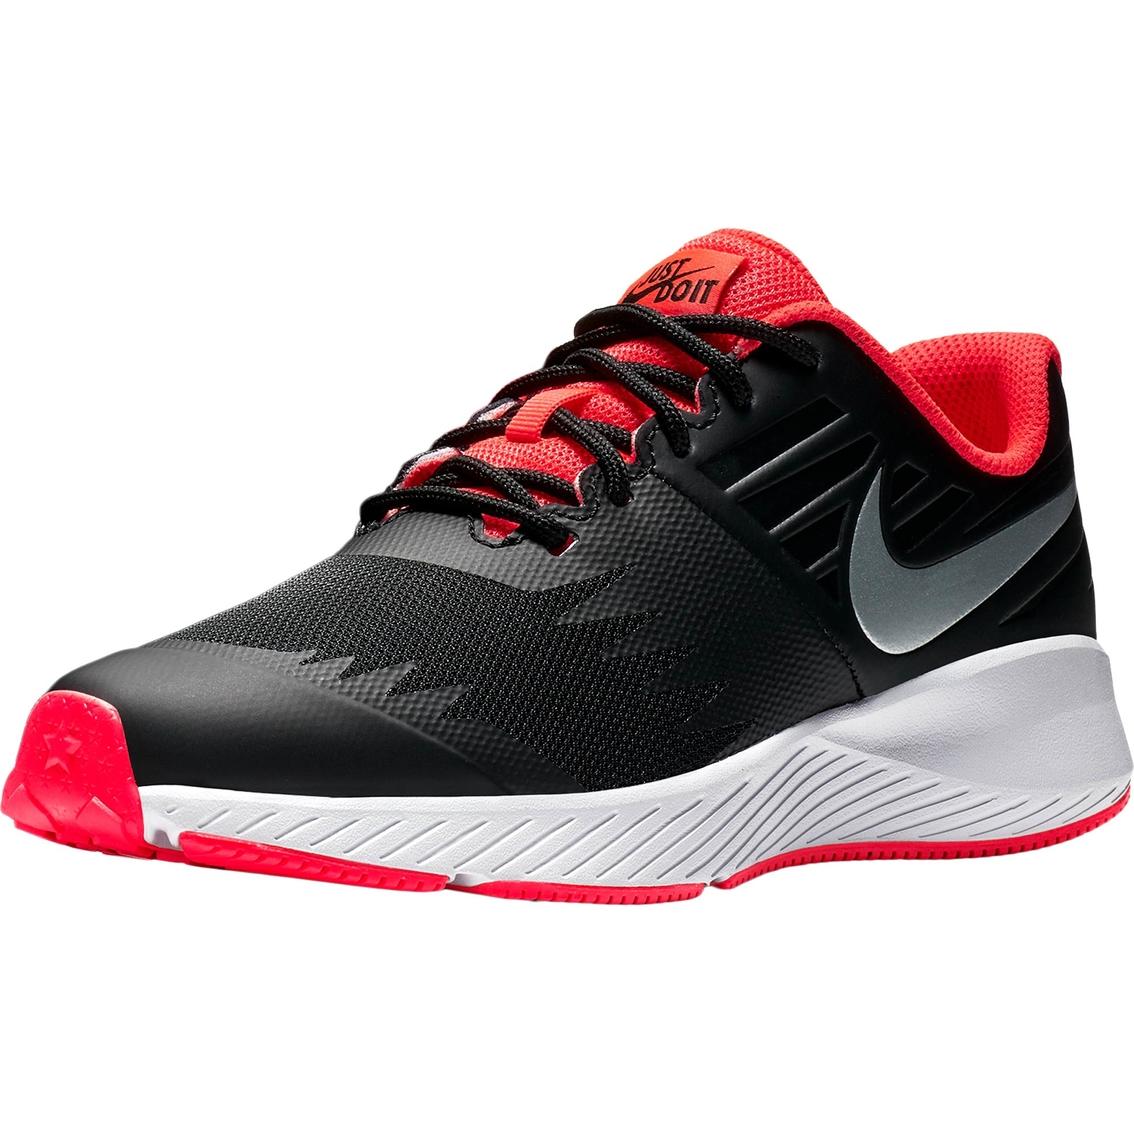 d3d5115269ca93 Nike Grade School Boys Star Runner Jdi Running Shoes